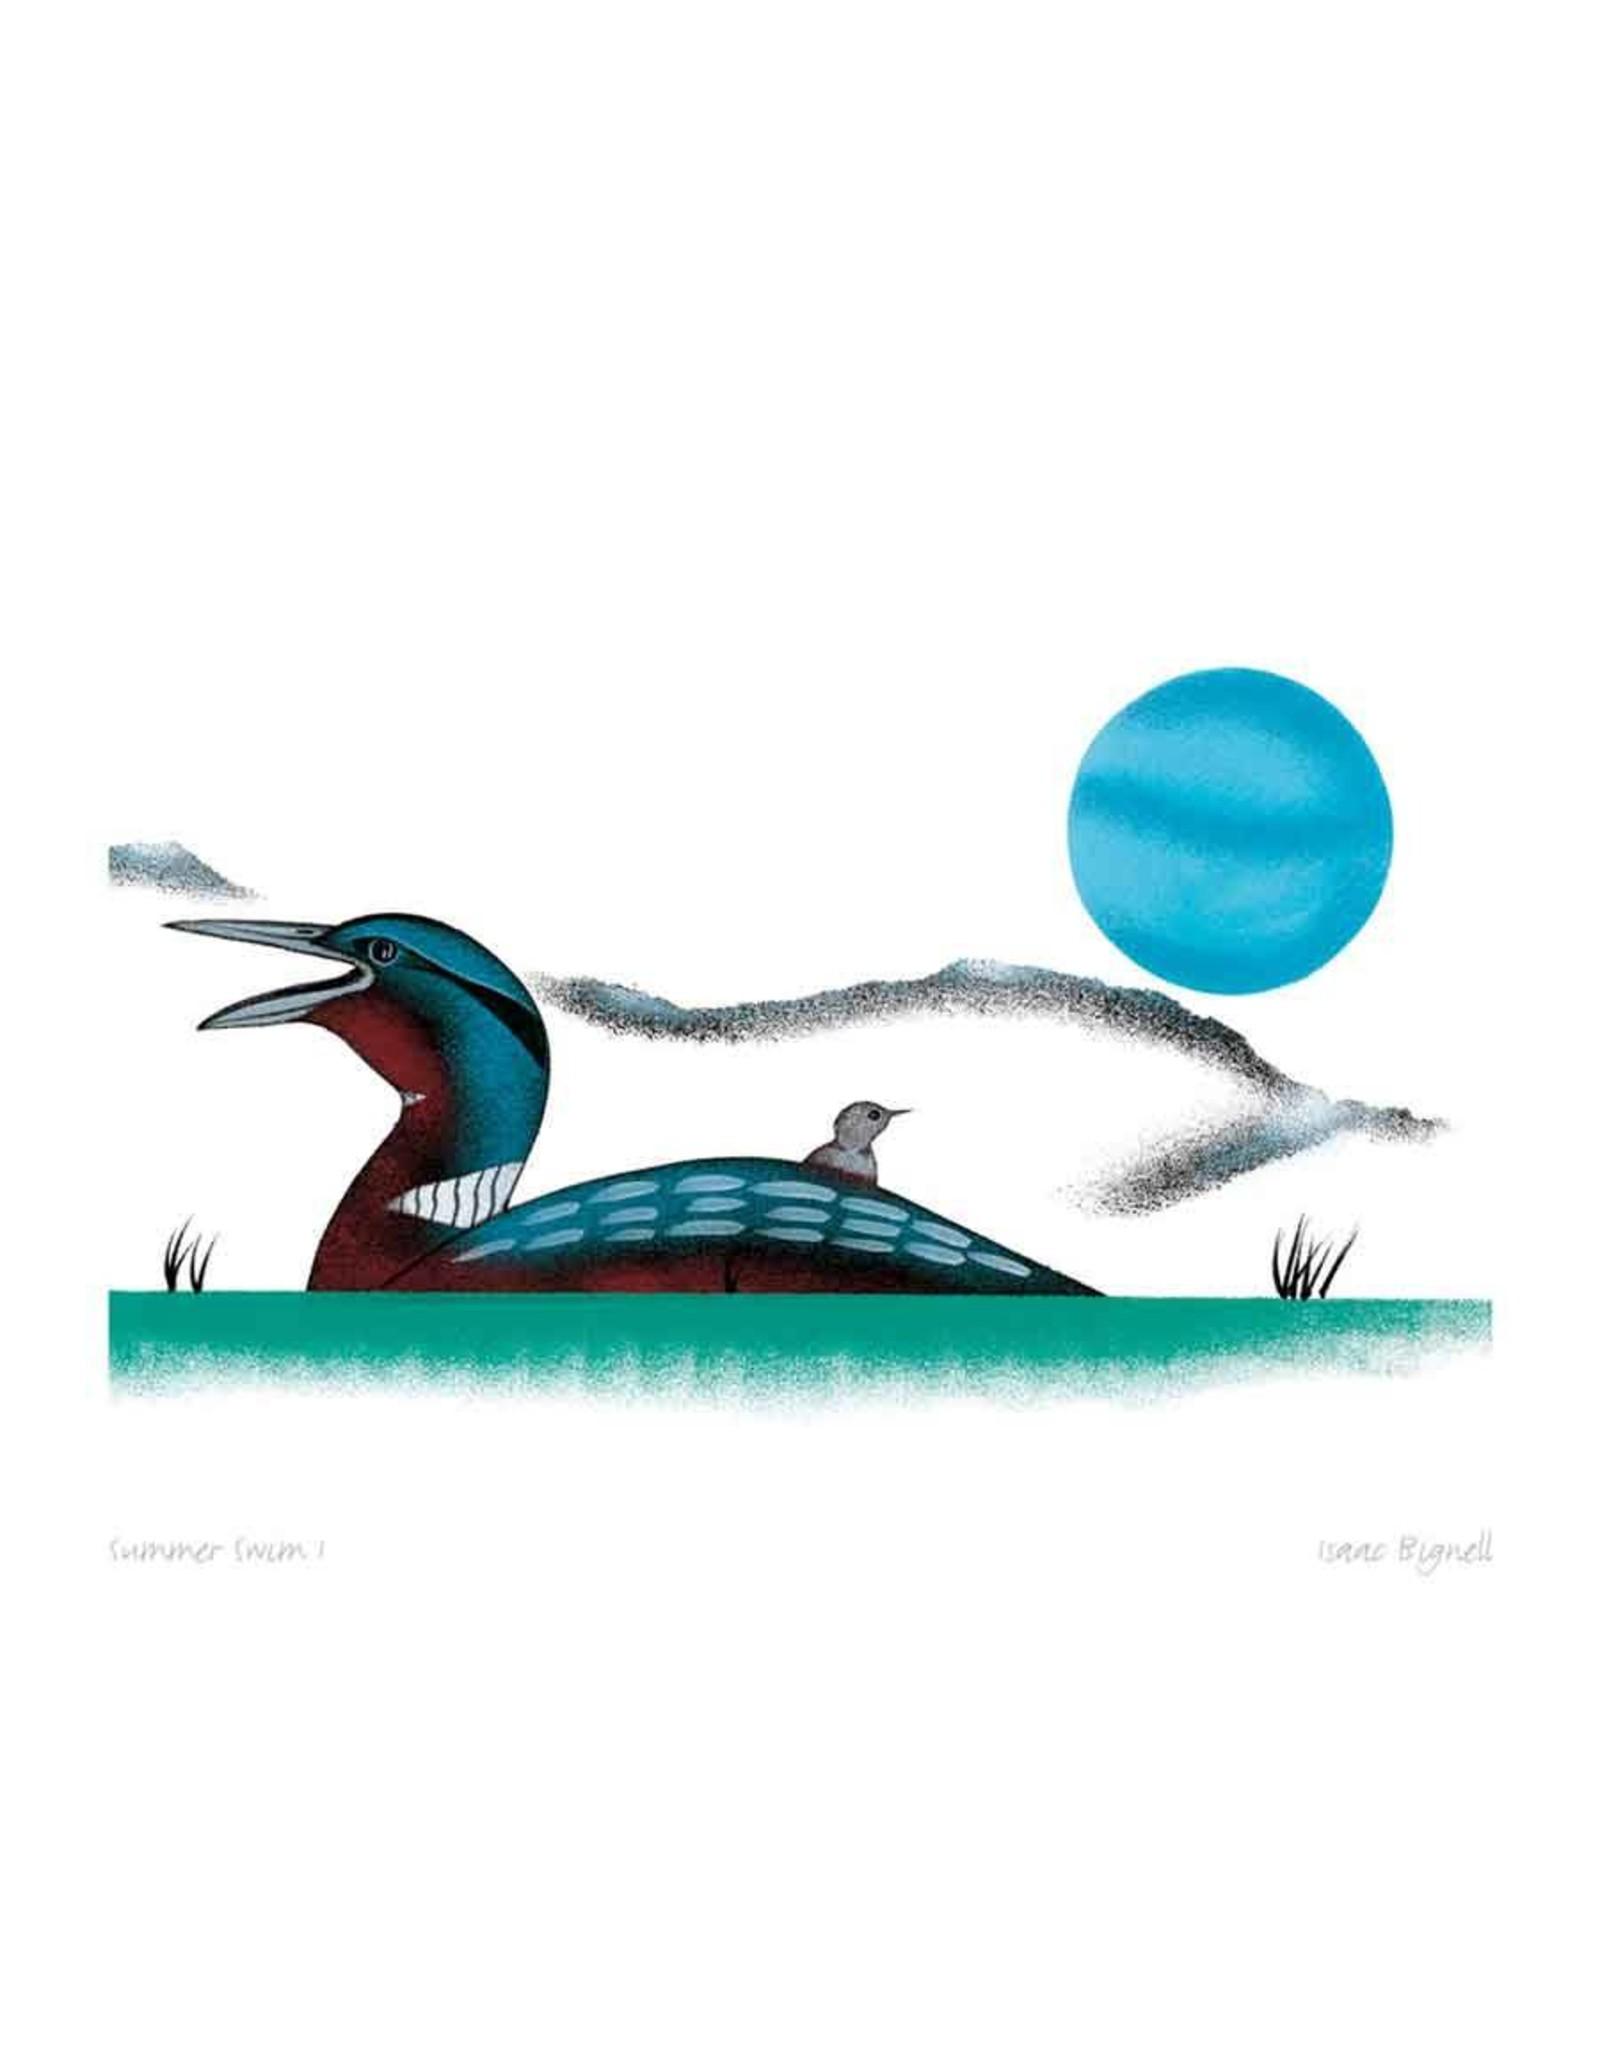 Summer Swim I par Isaac Bignell Carte